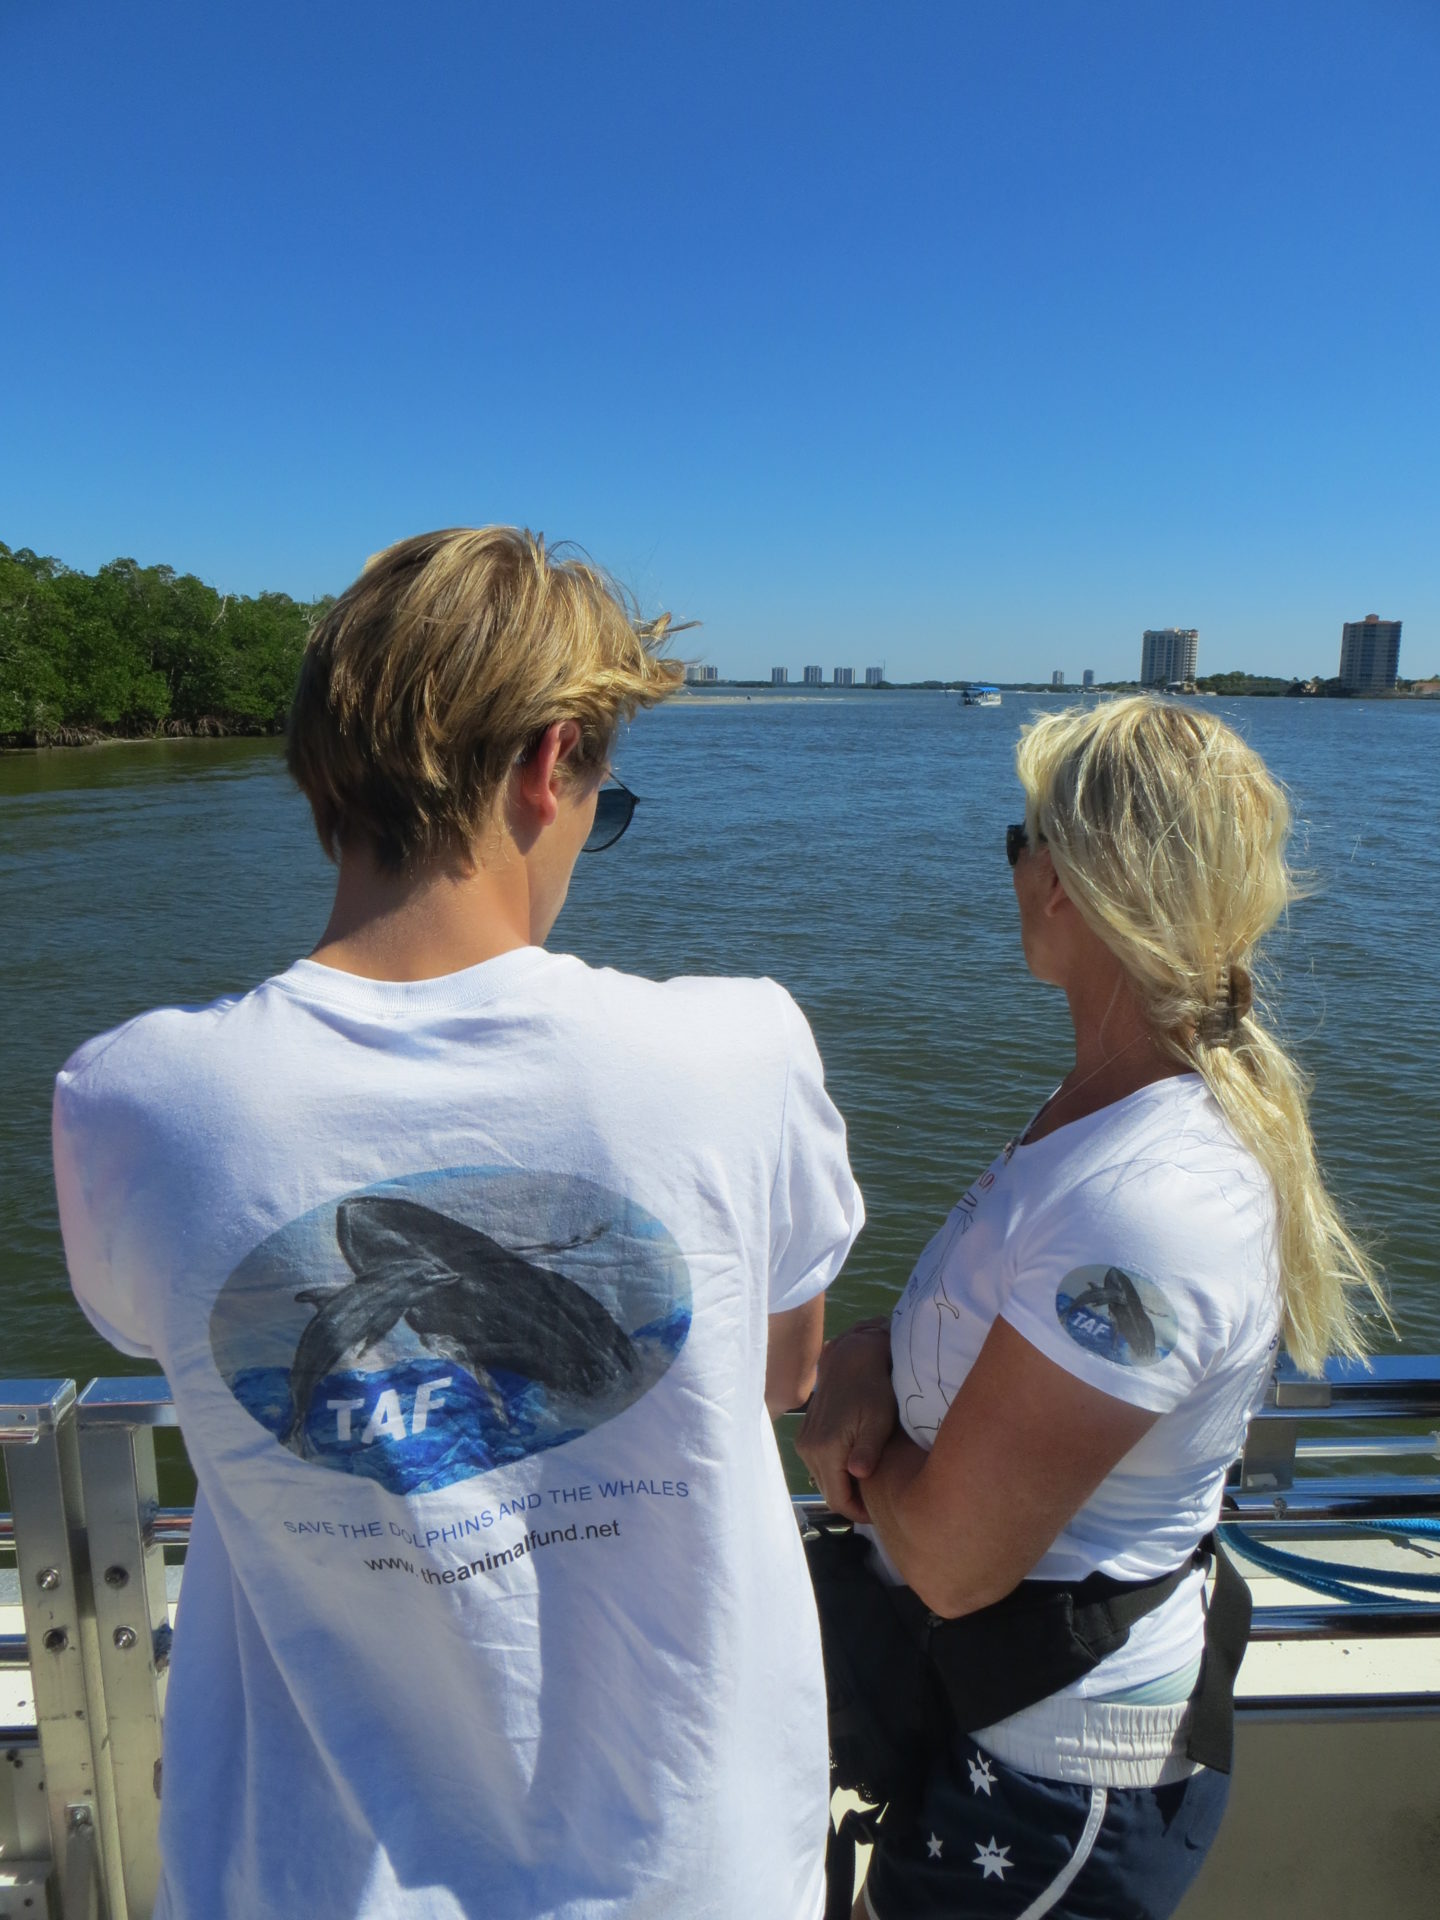 La visite de TAF à Estero Bay, Floride, octobre 2016